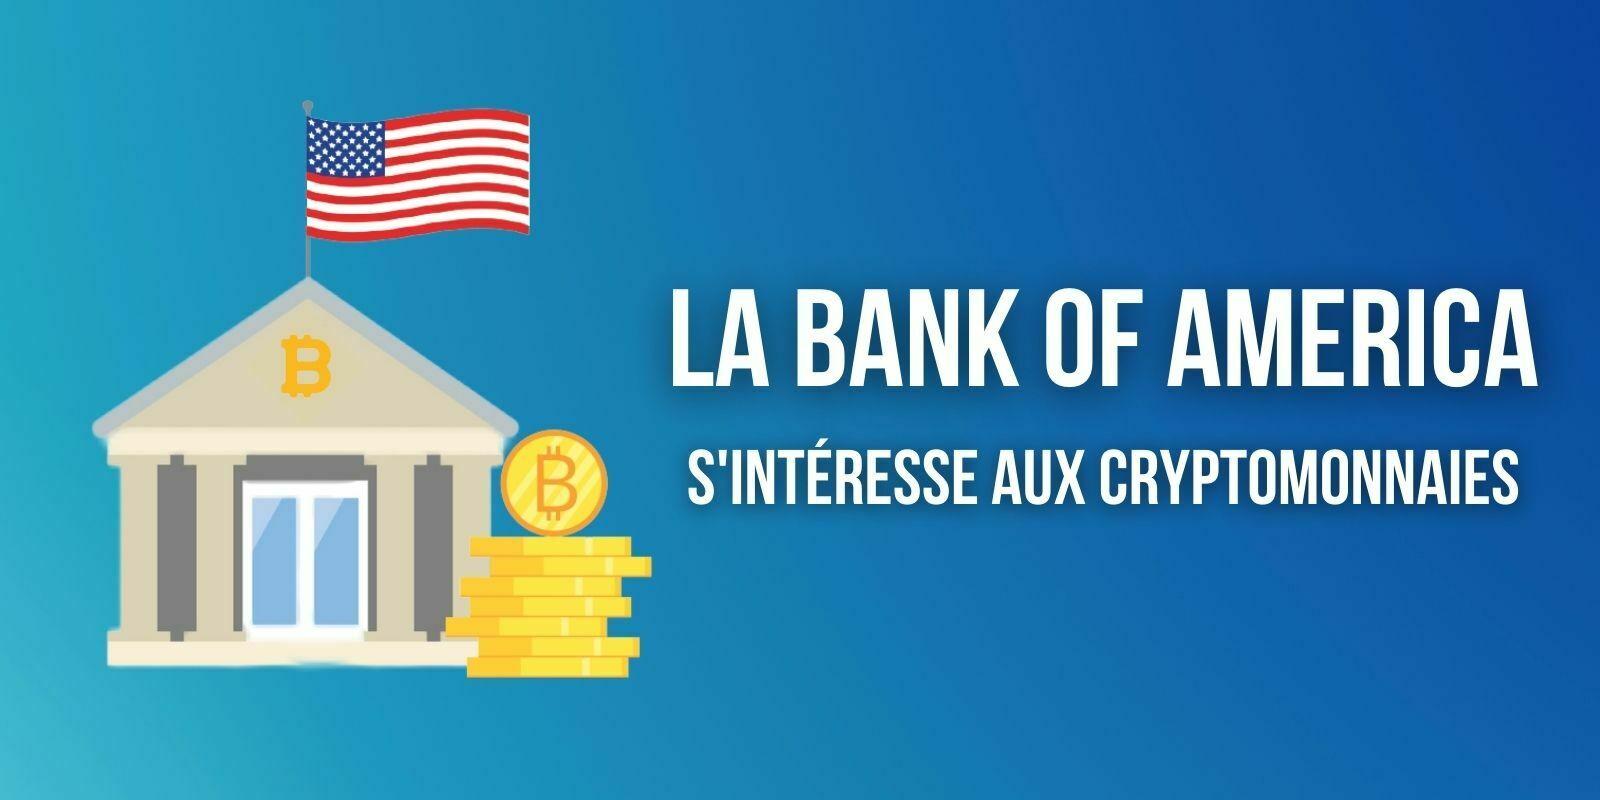 La Bank of America lance une groupe de travail sur les cryptomonnaies